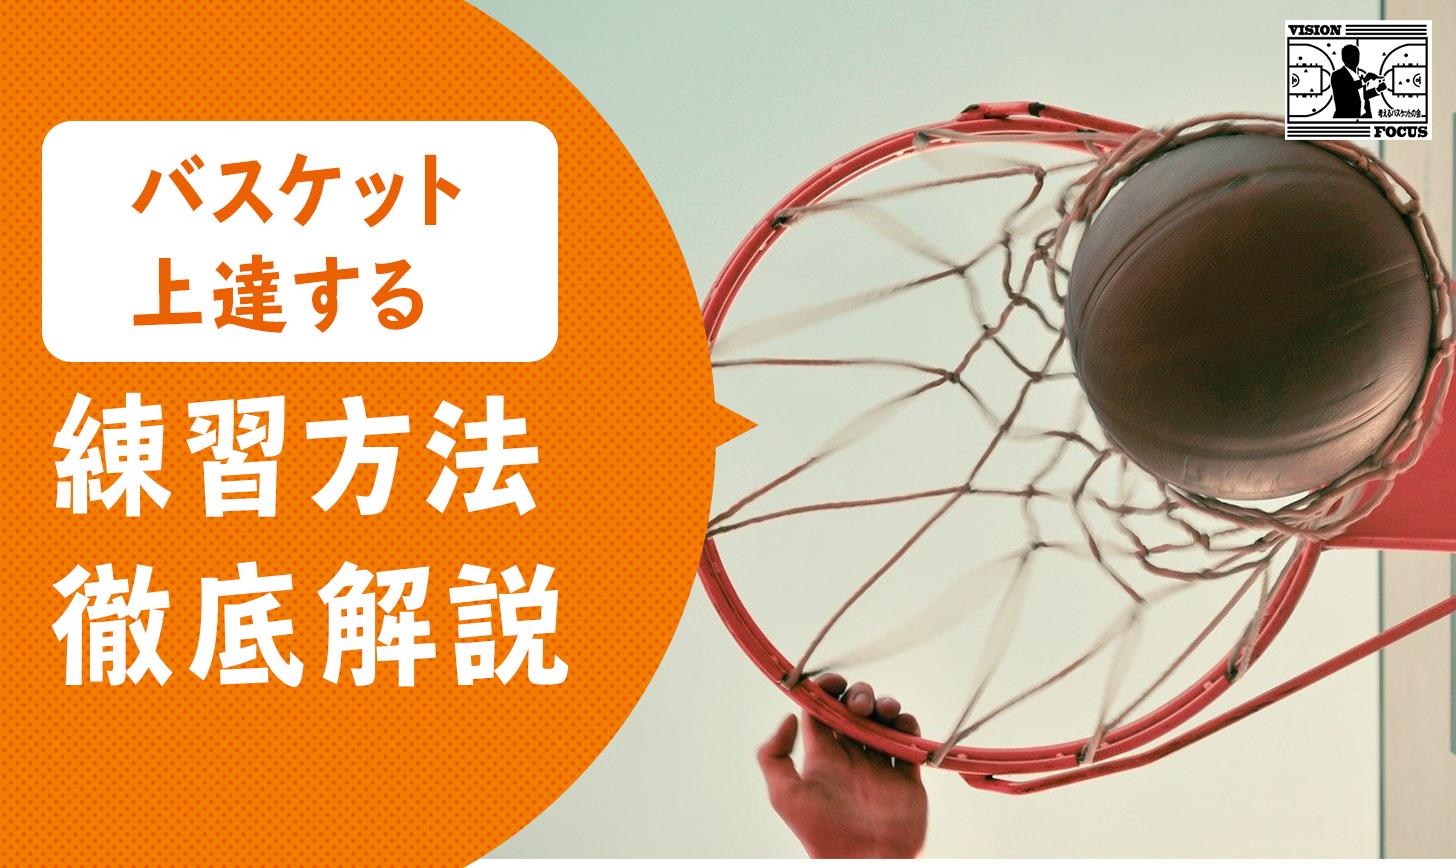 【完全版】バスケの上達に必要な5つの事とテクニックを磨く8つの個人練習法!